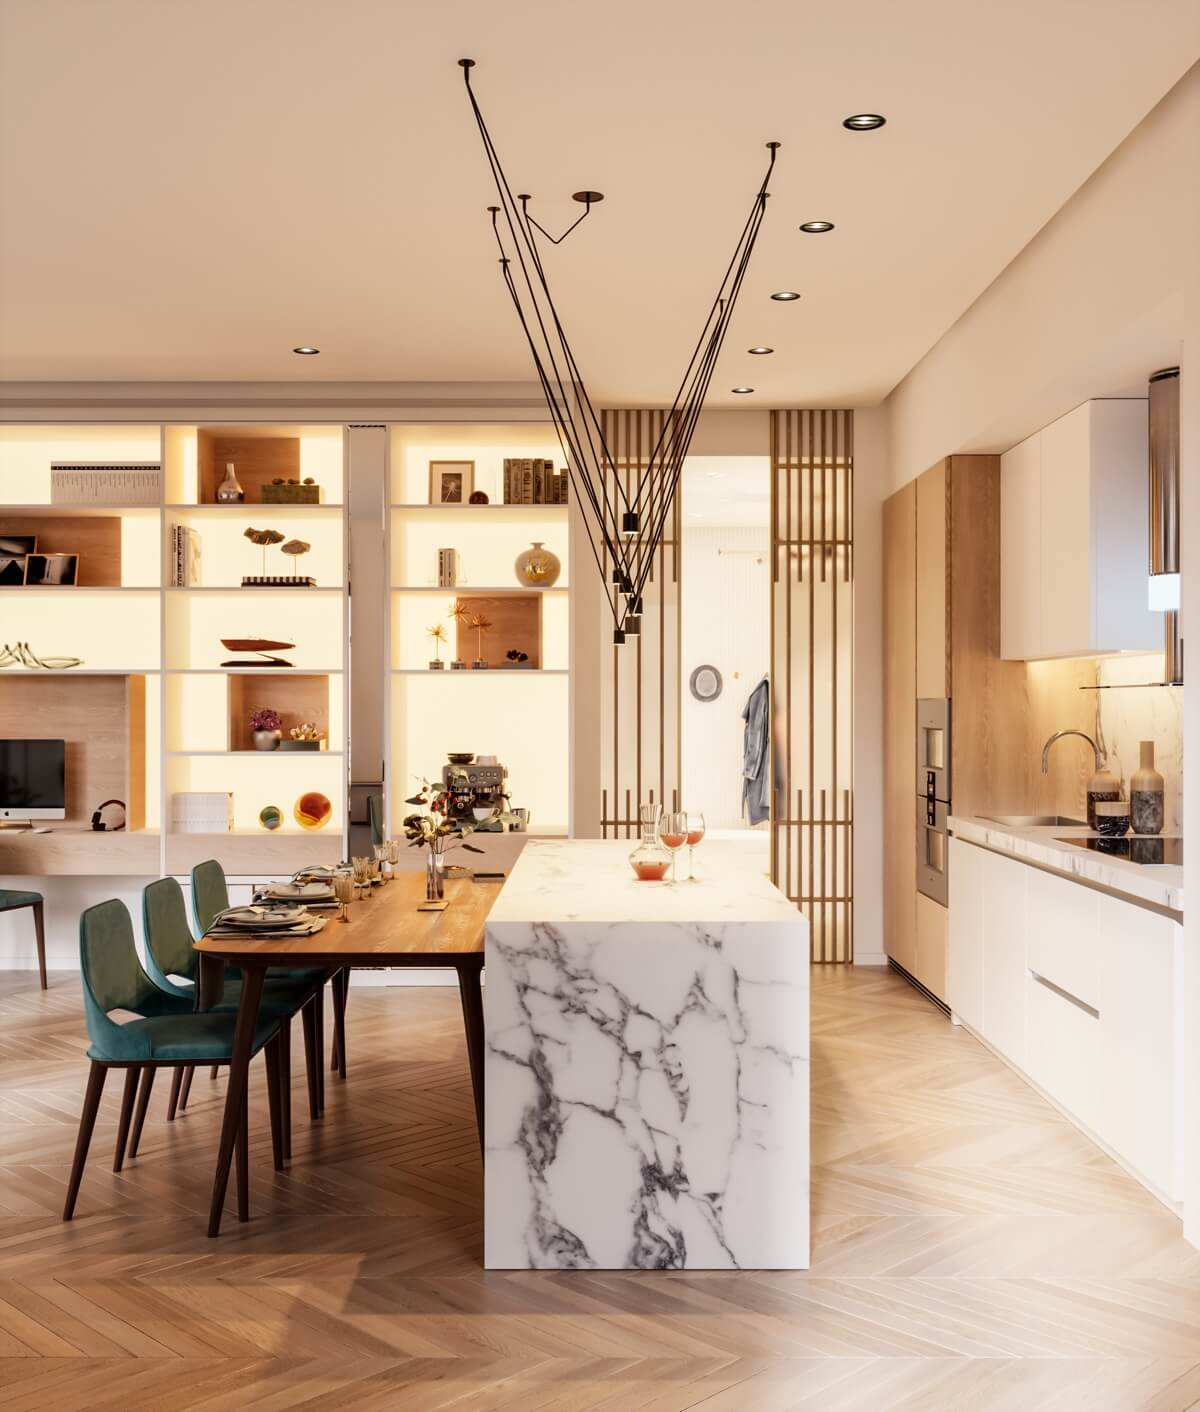 mẫu thiết kế nội thất căn hộ chung cư 80m2 đẹp 13